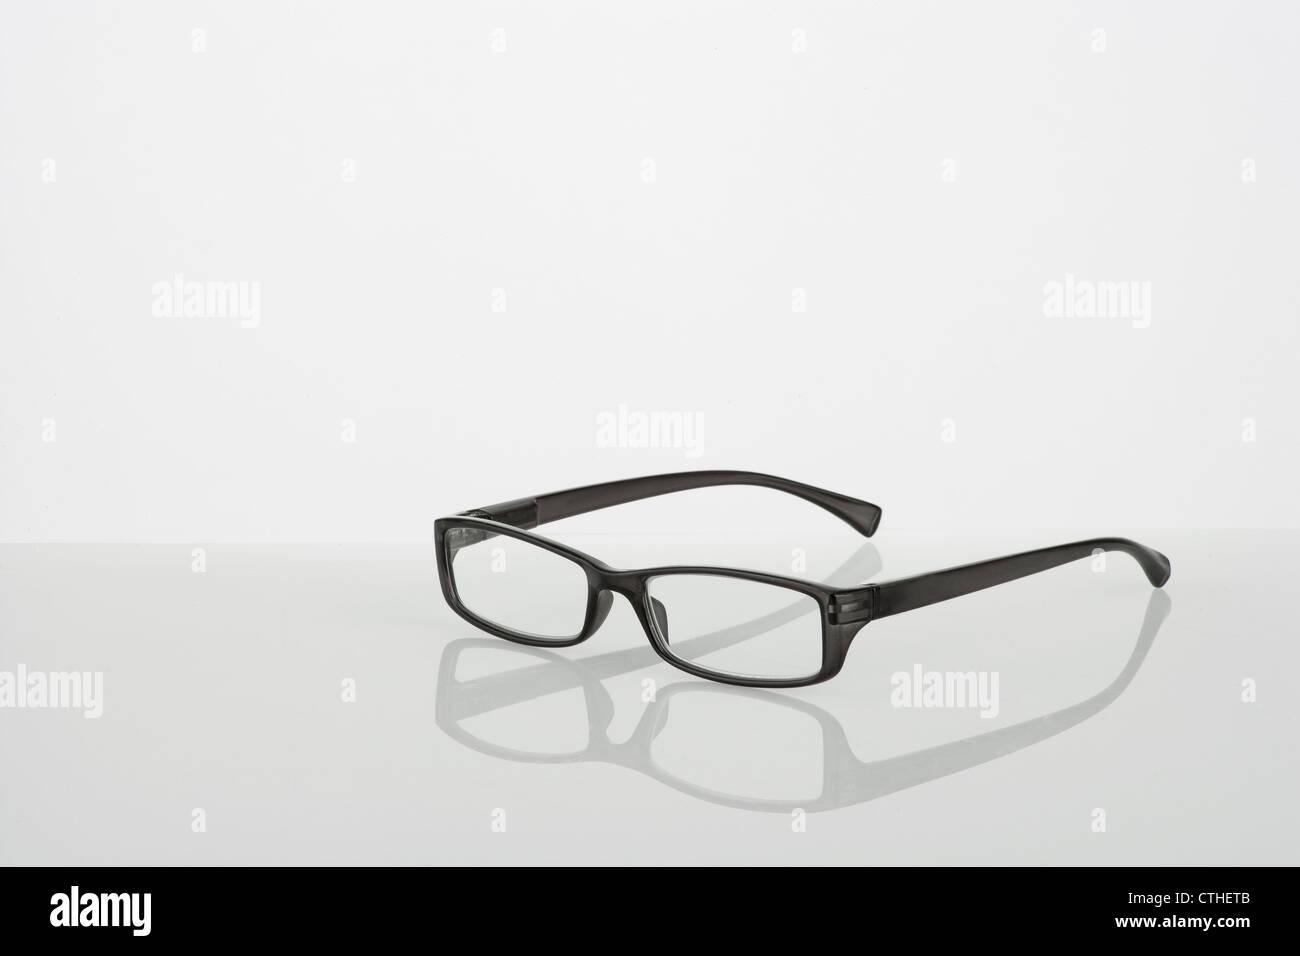 eyewear on neutral background - Stock Image